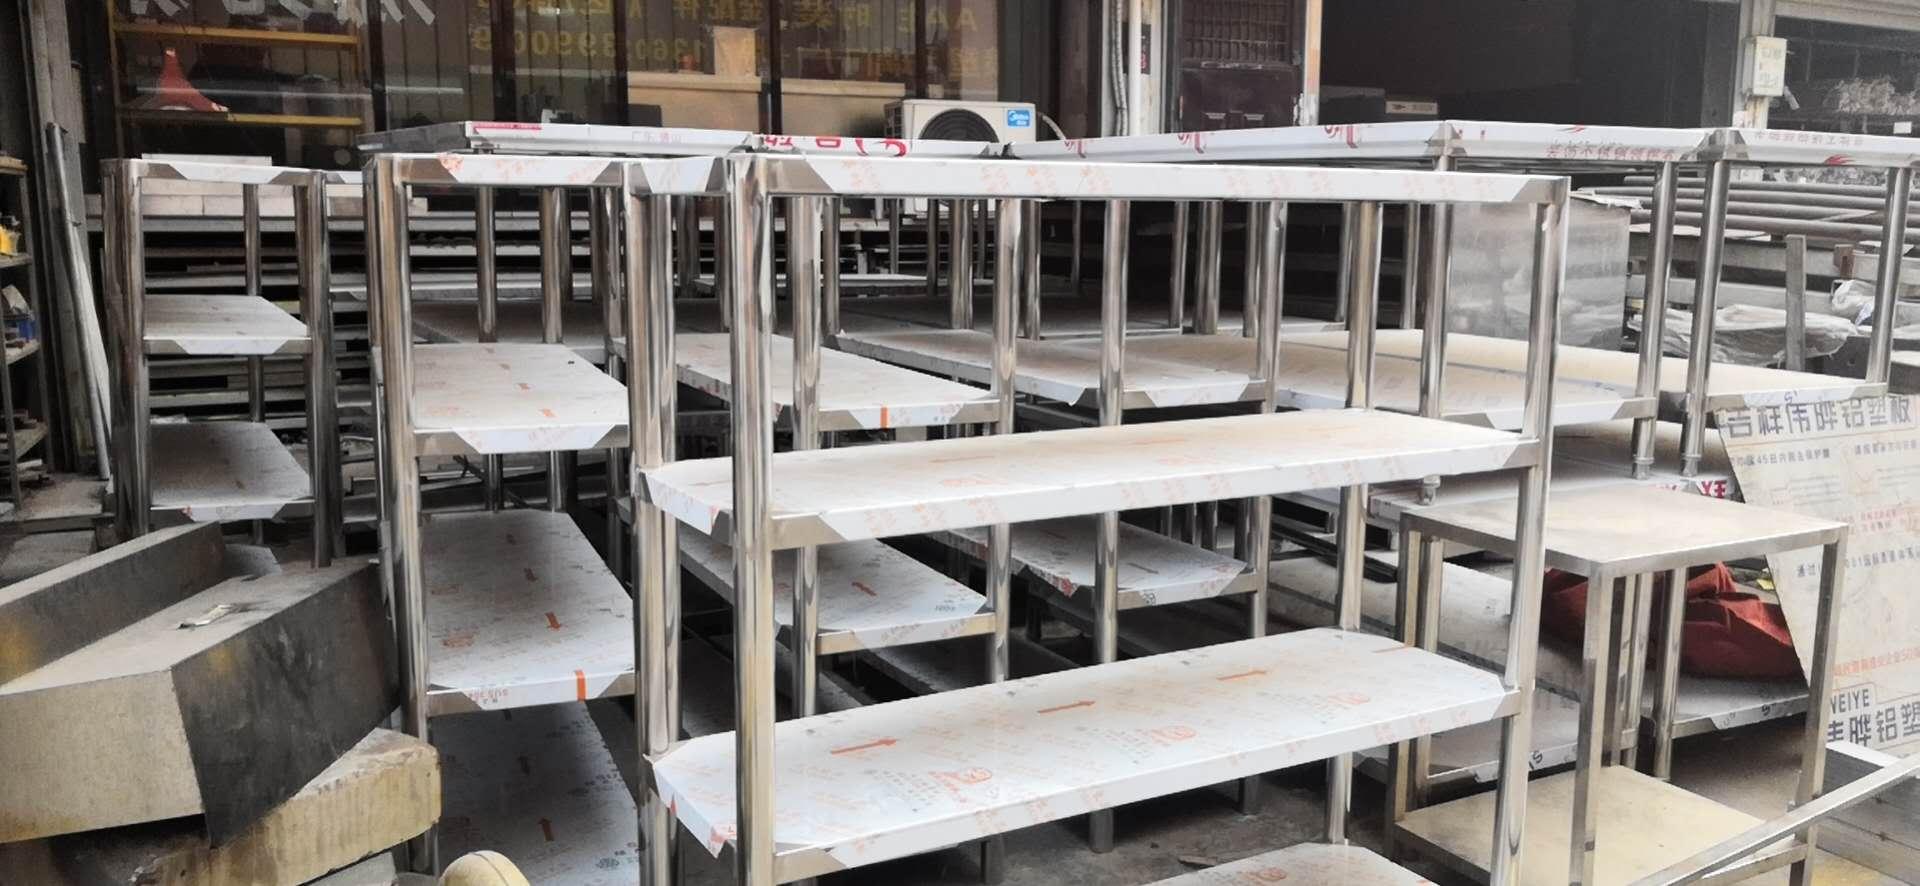 上海不锈钢货架厂家-不锈钢货架价格行情